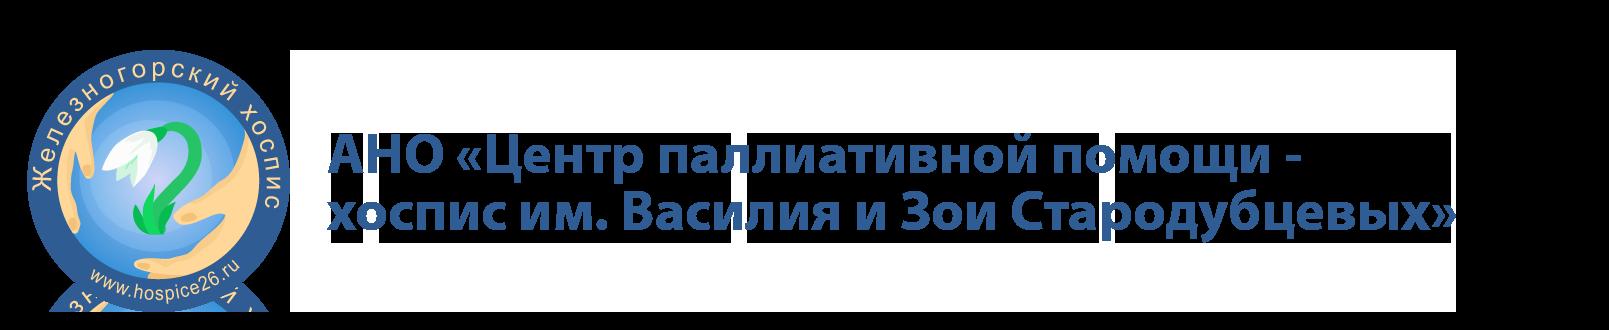 АНО «Центр паллиативной помощи — хоспис им. Василия и Зои Стародубцевых»